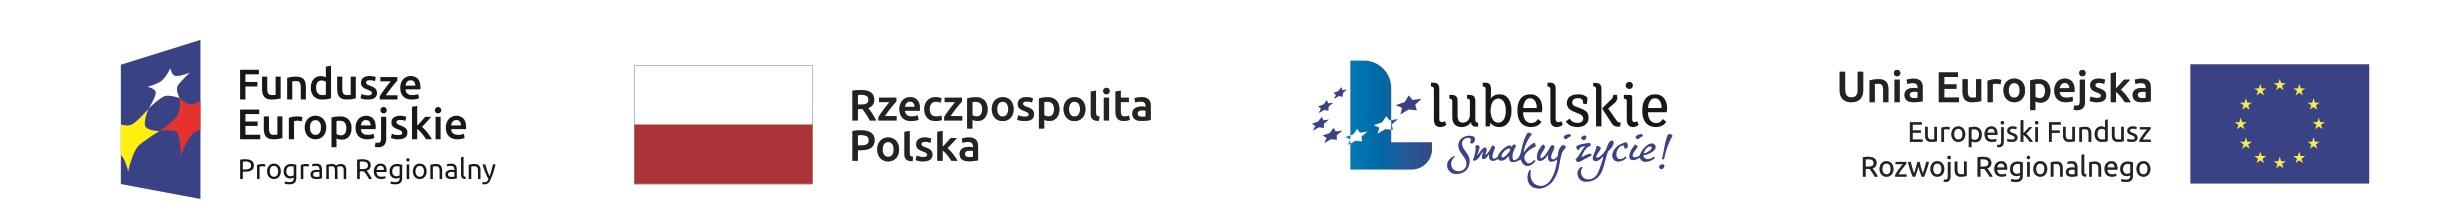 Logotypy unijne: Fundusze Europejskie Rzeczpospolita Polska lubelskie Smakuj życie! Unia Europejska Europejski Fundusz Rozwoju Regionalnego Program Regionalny